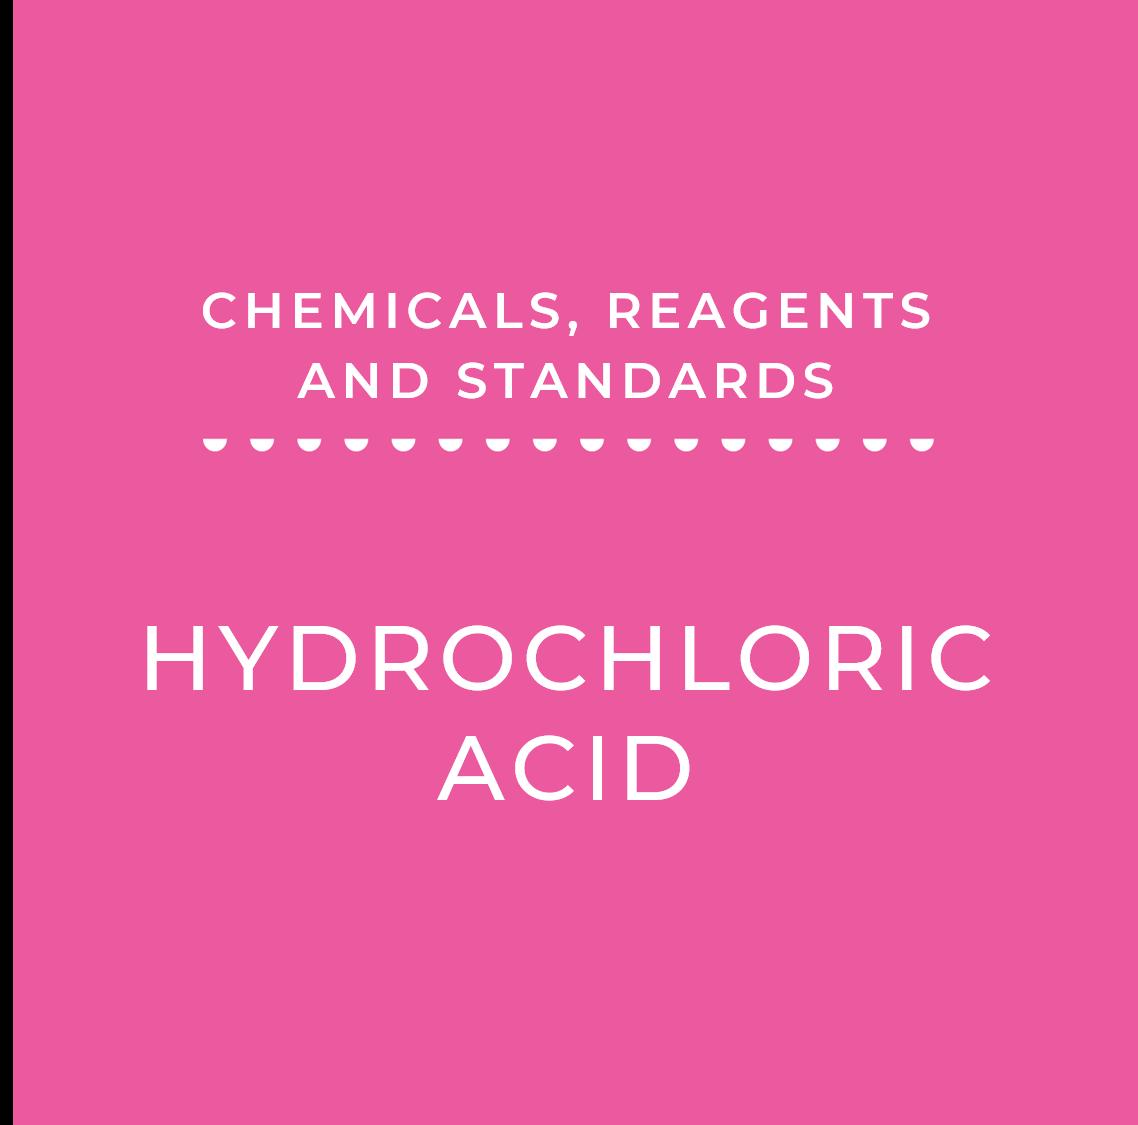 0.1N Hydrochloric Acid